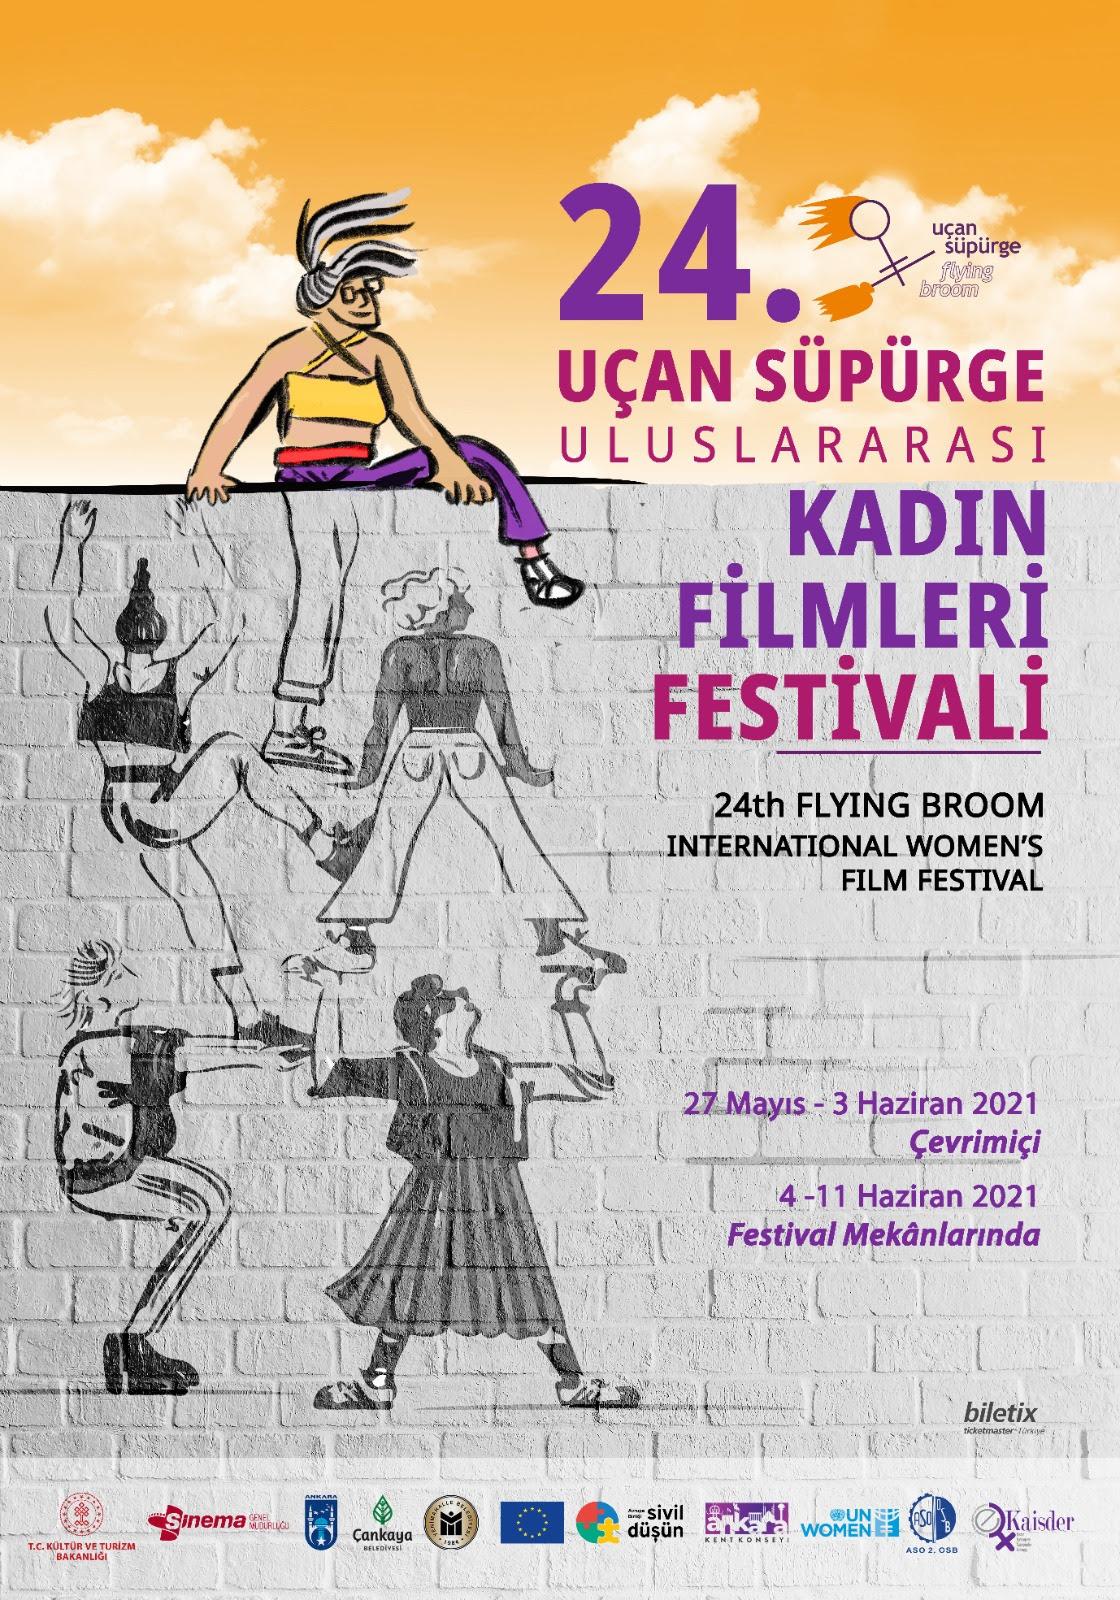 Uçan Süpürge Uluslararası Kadın Filmleri Festivali.jpg